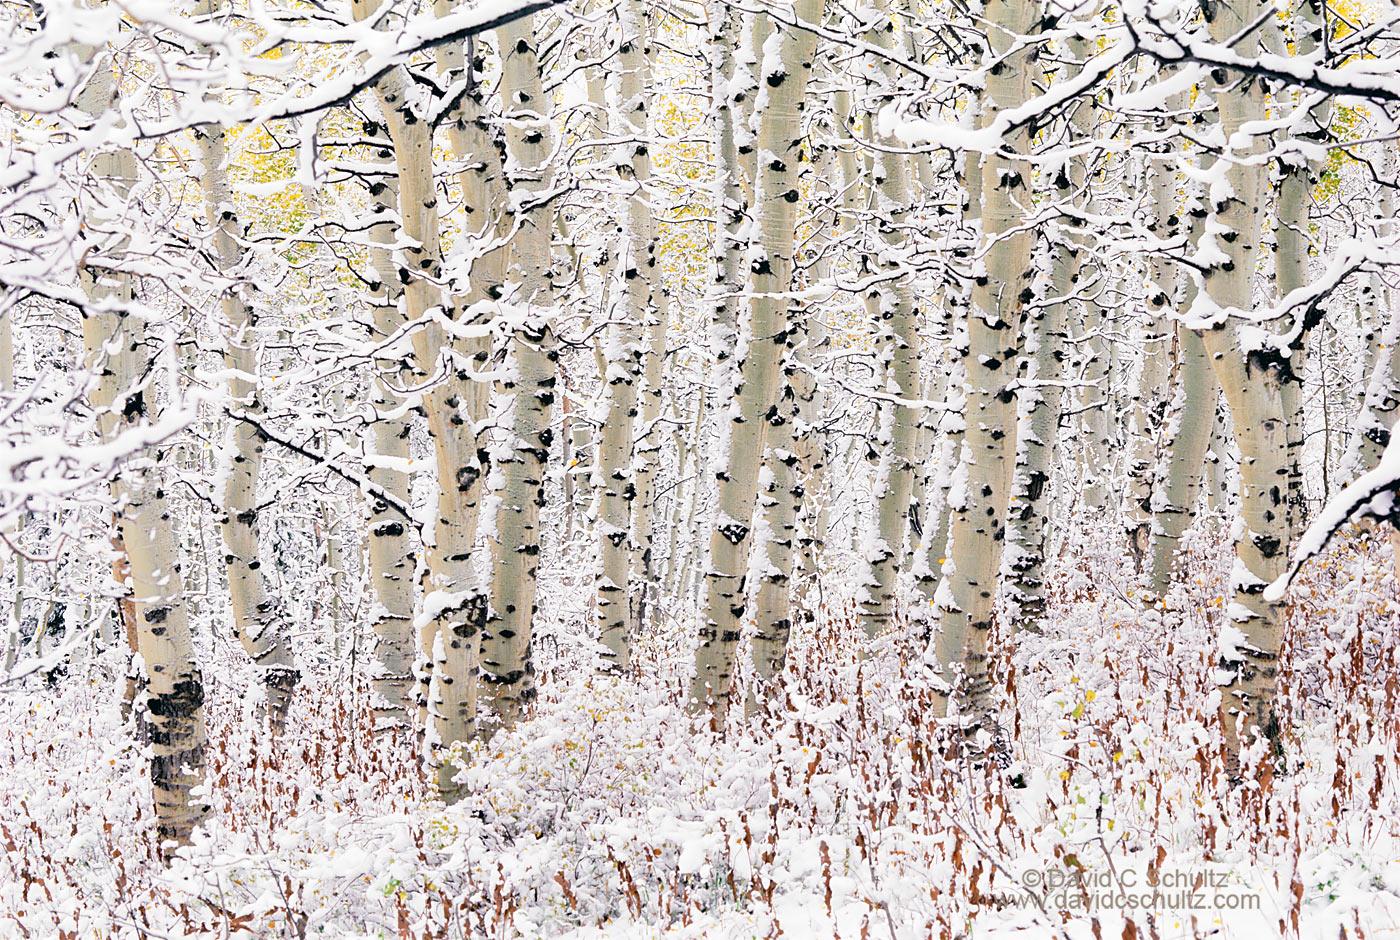 Snow covered aspen trees, Utah - Image #3-812